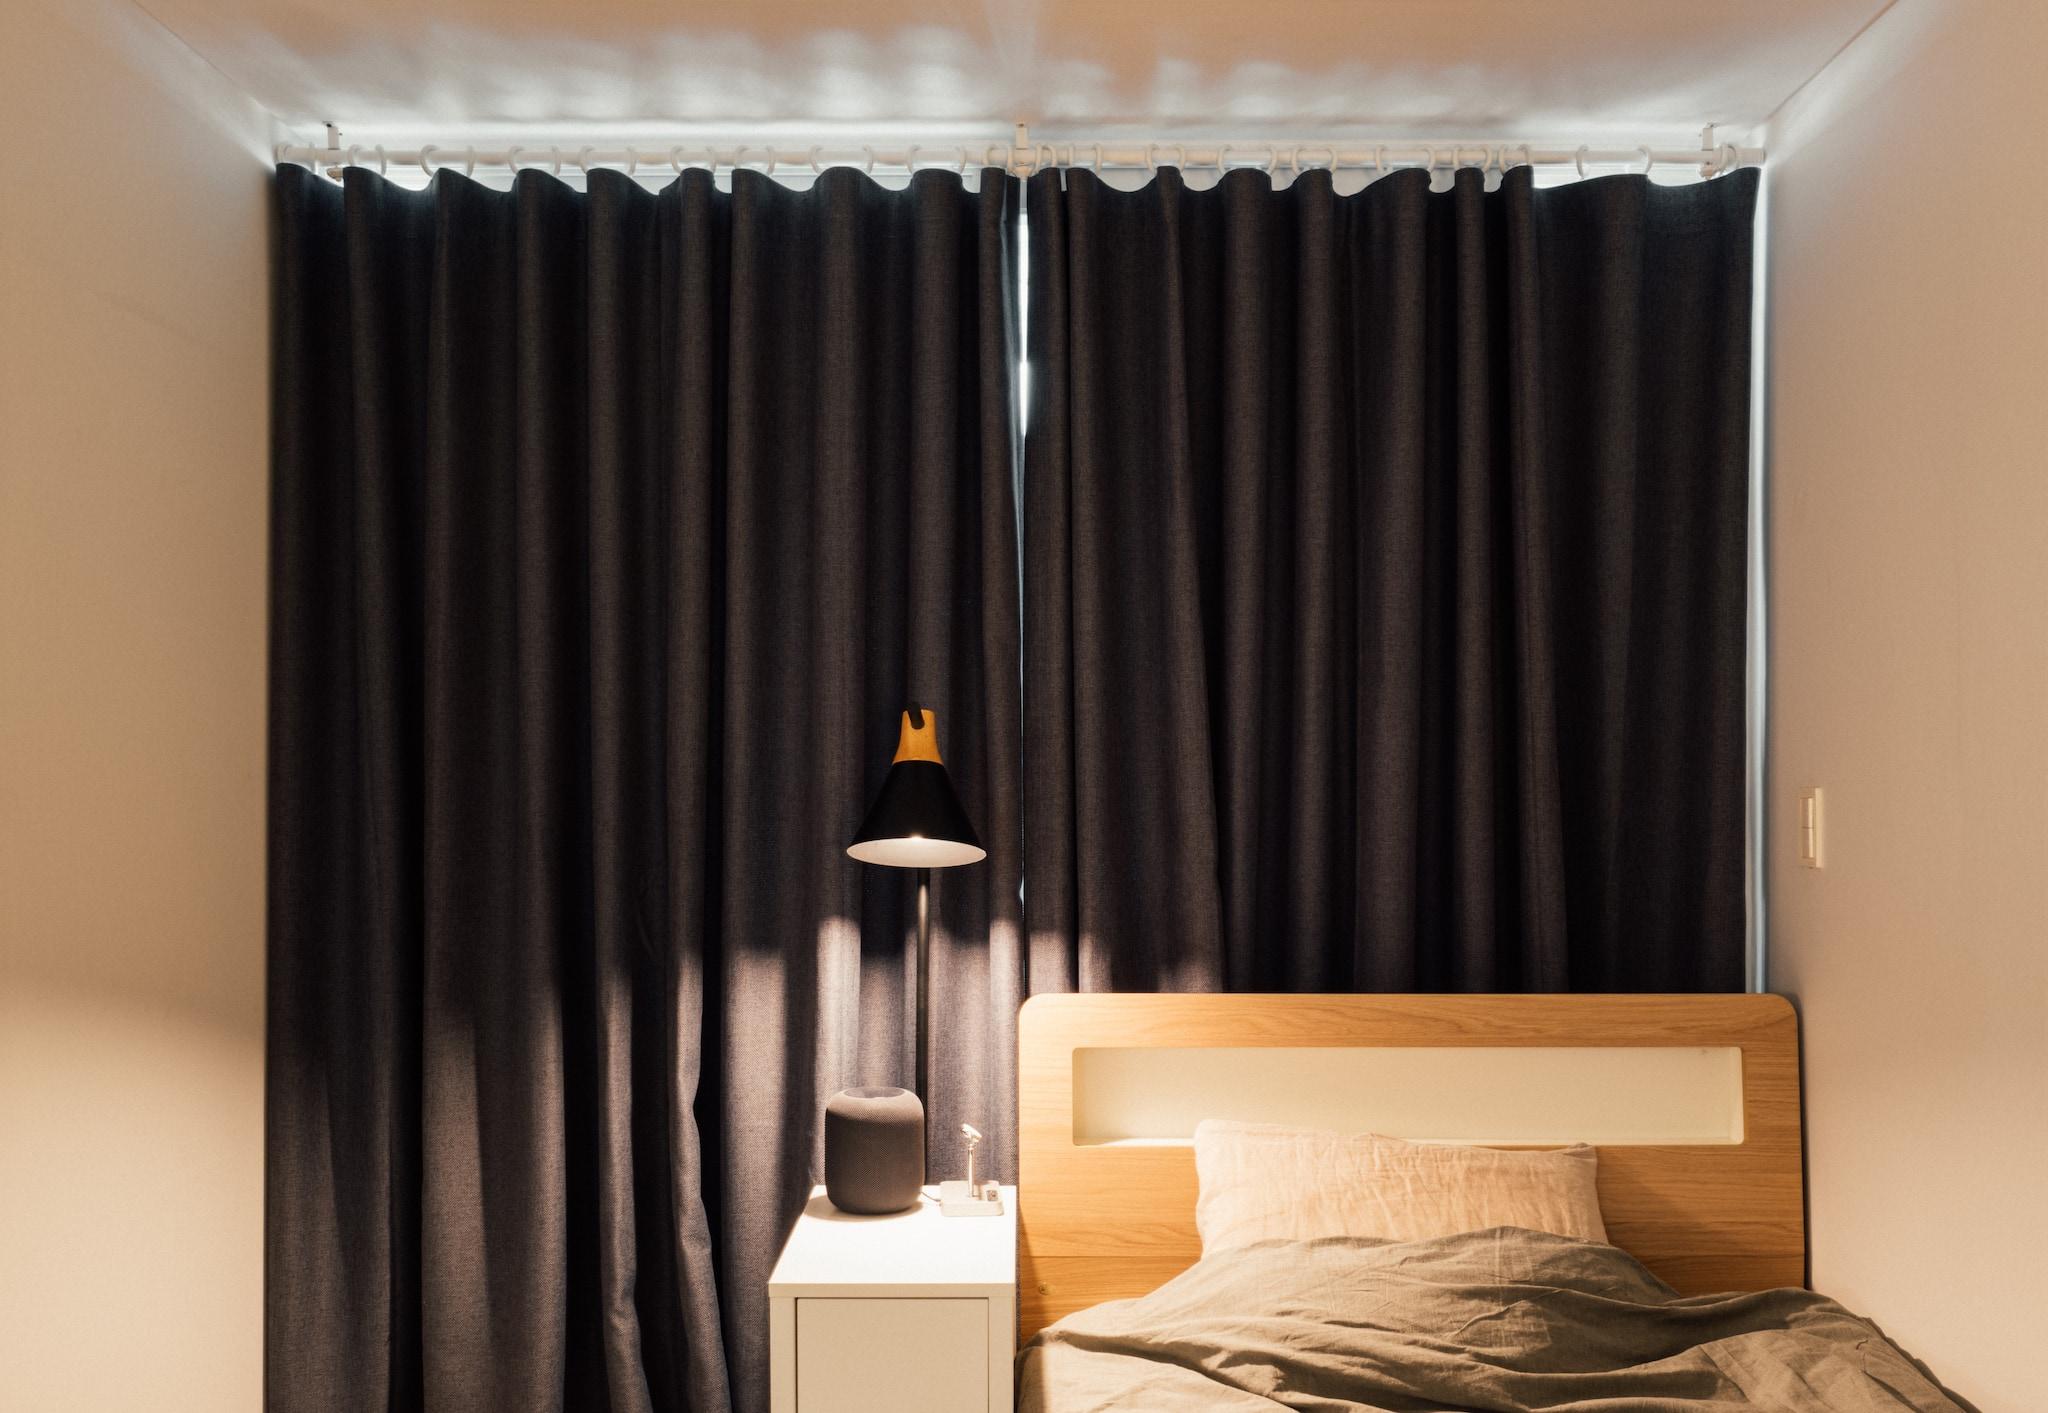 스튜디오형 원룸의 침실 부분